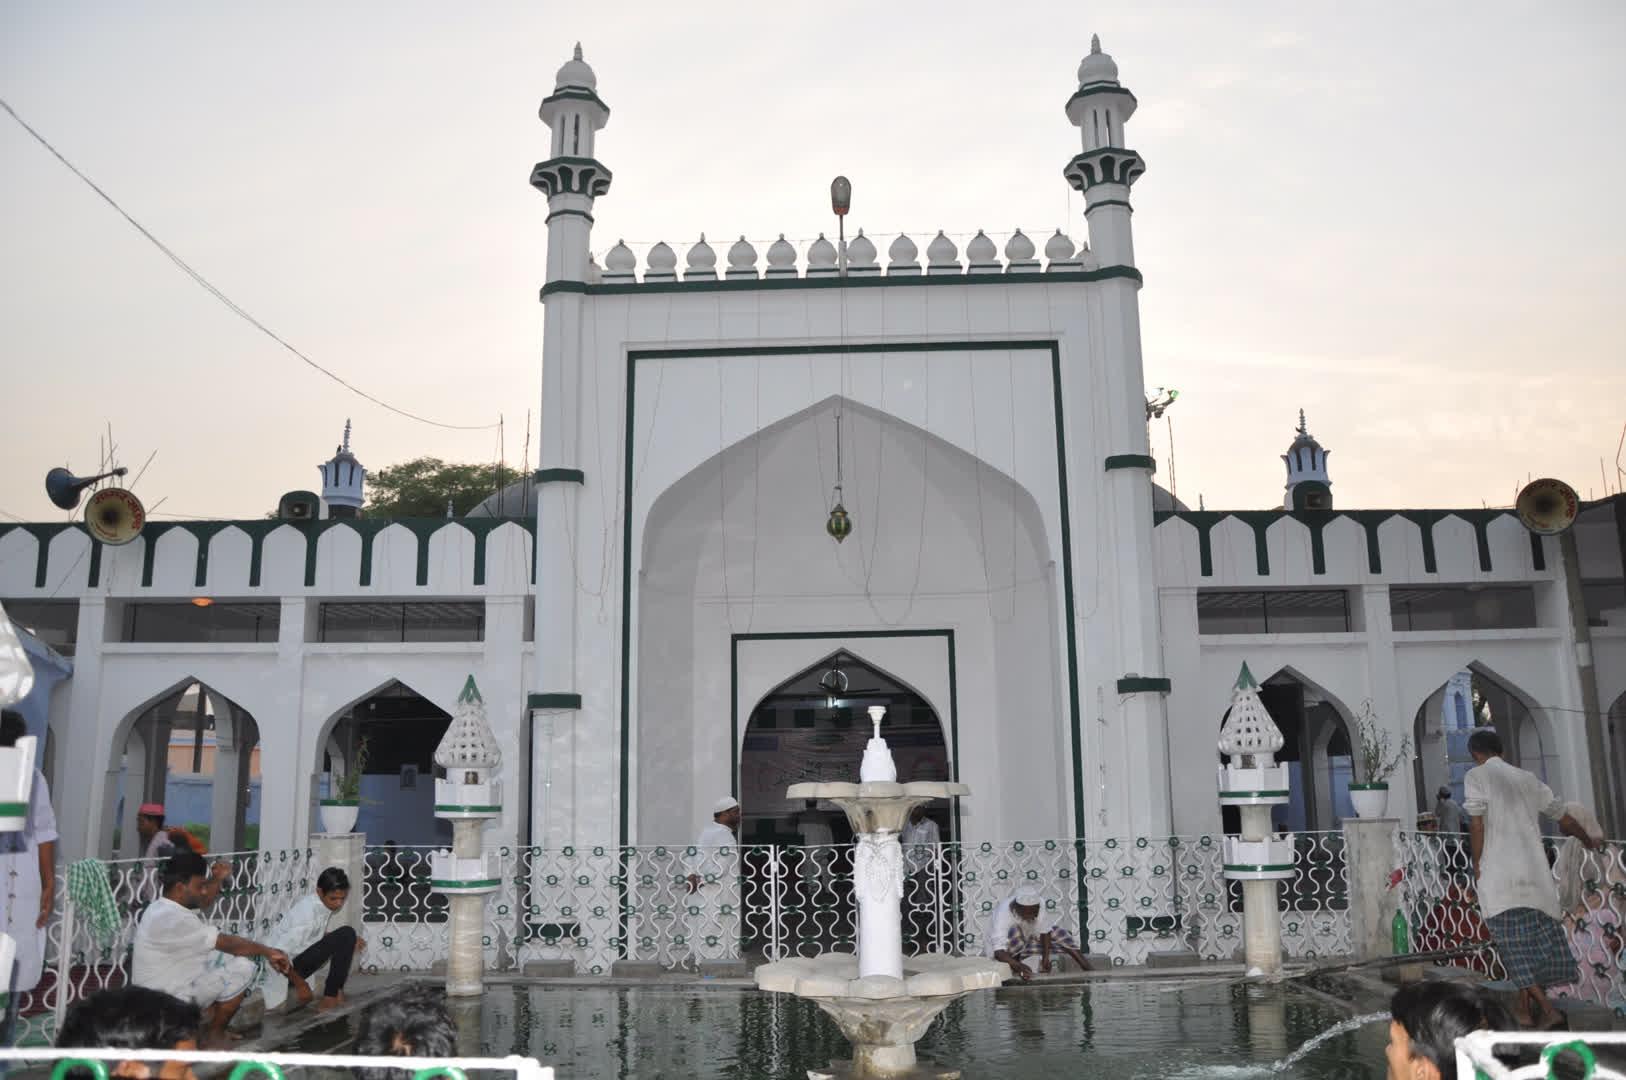 ख़ानक़ाह शाहबाज़िया मस्जिद और मदरसा